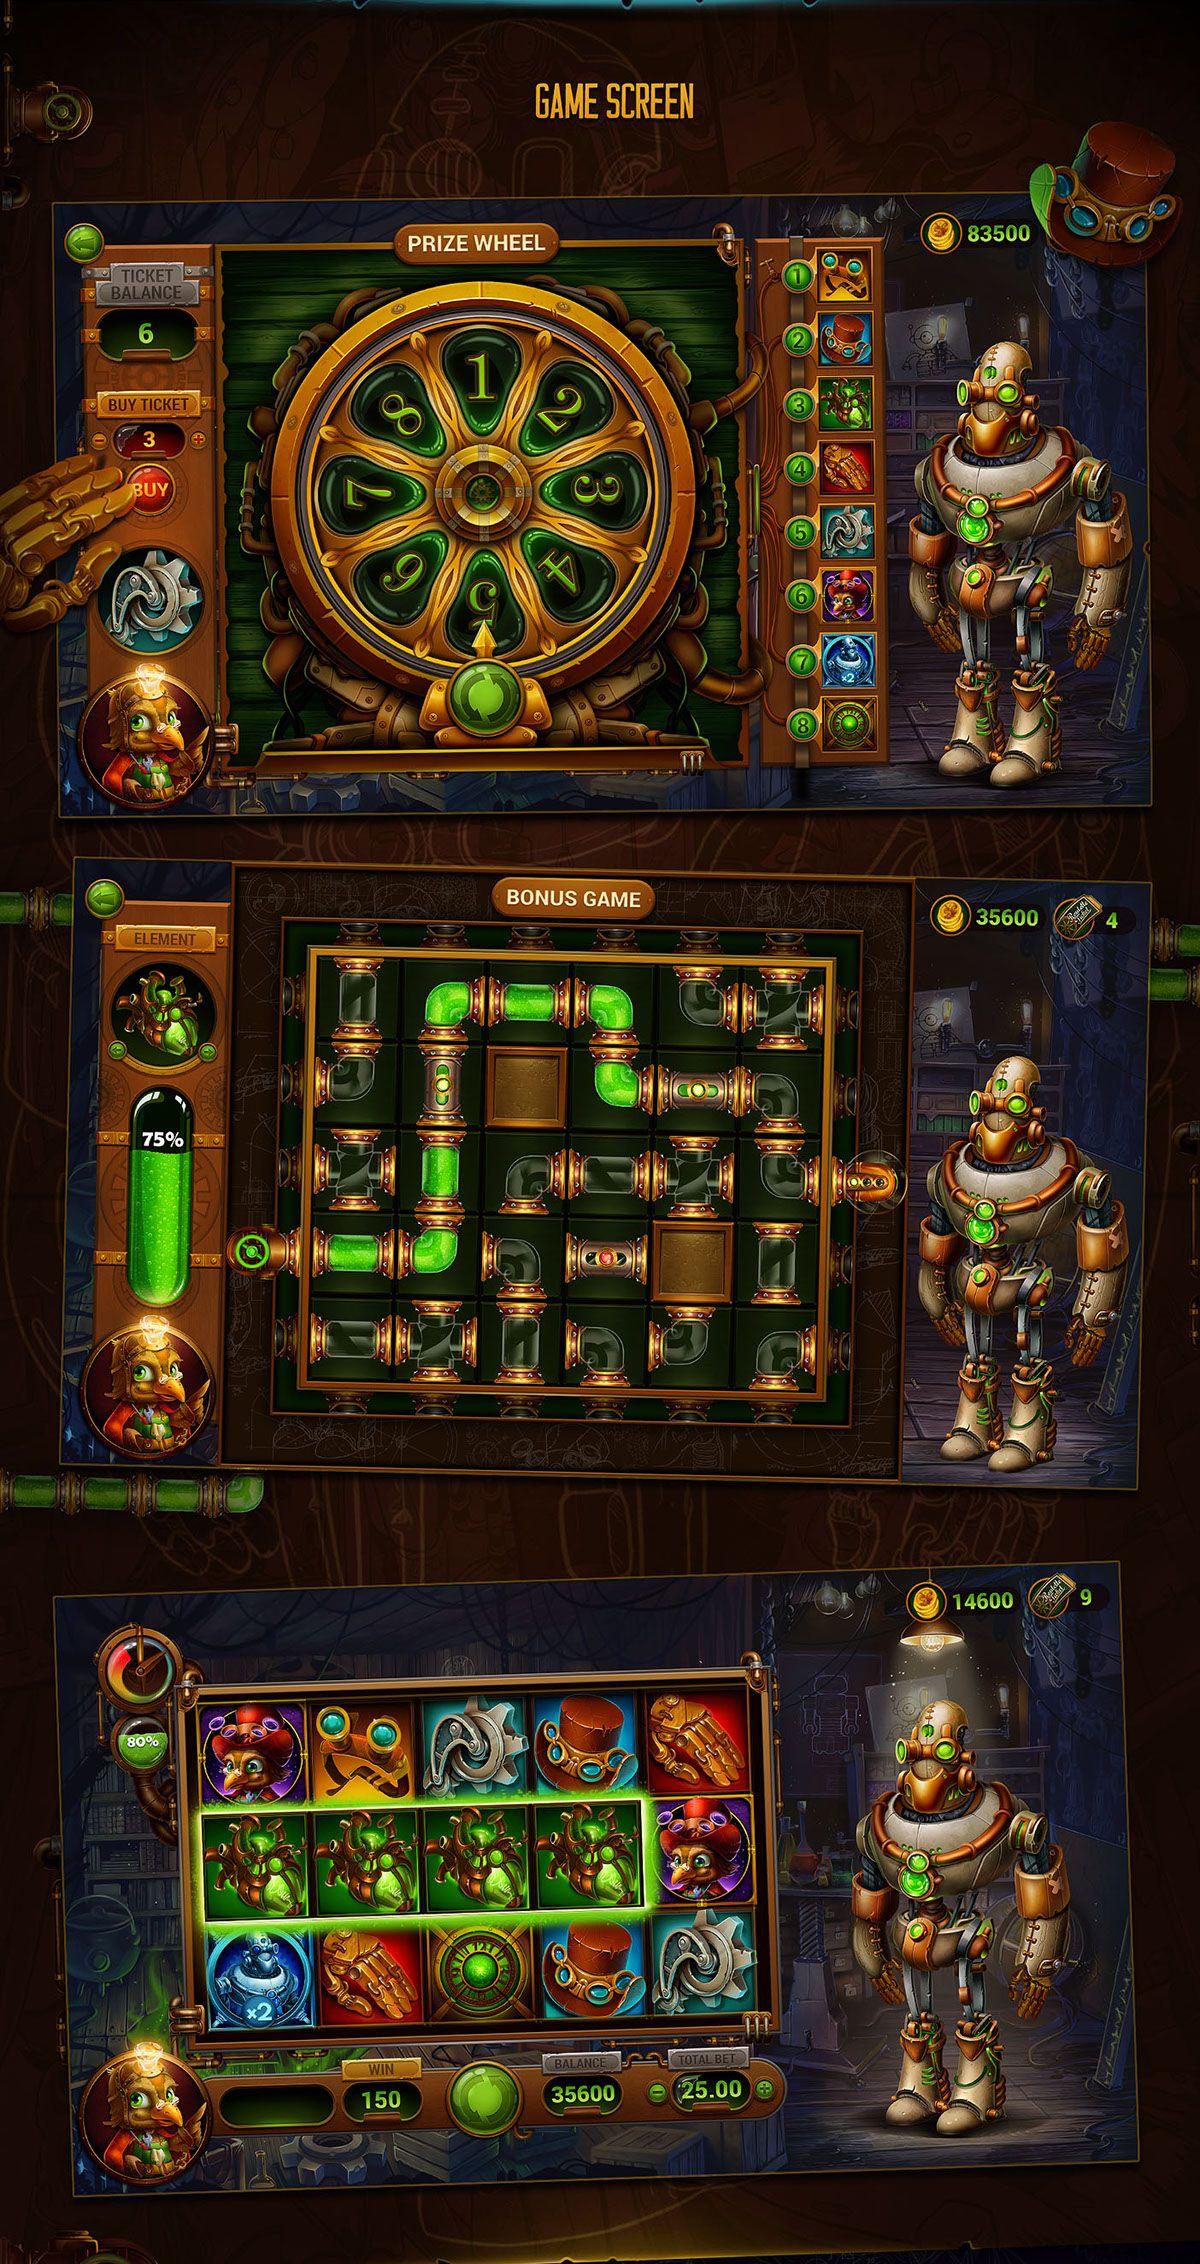 Casino app - 70989